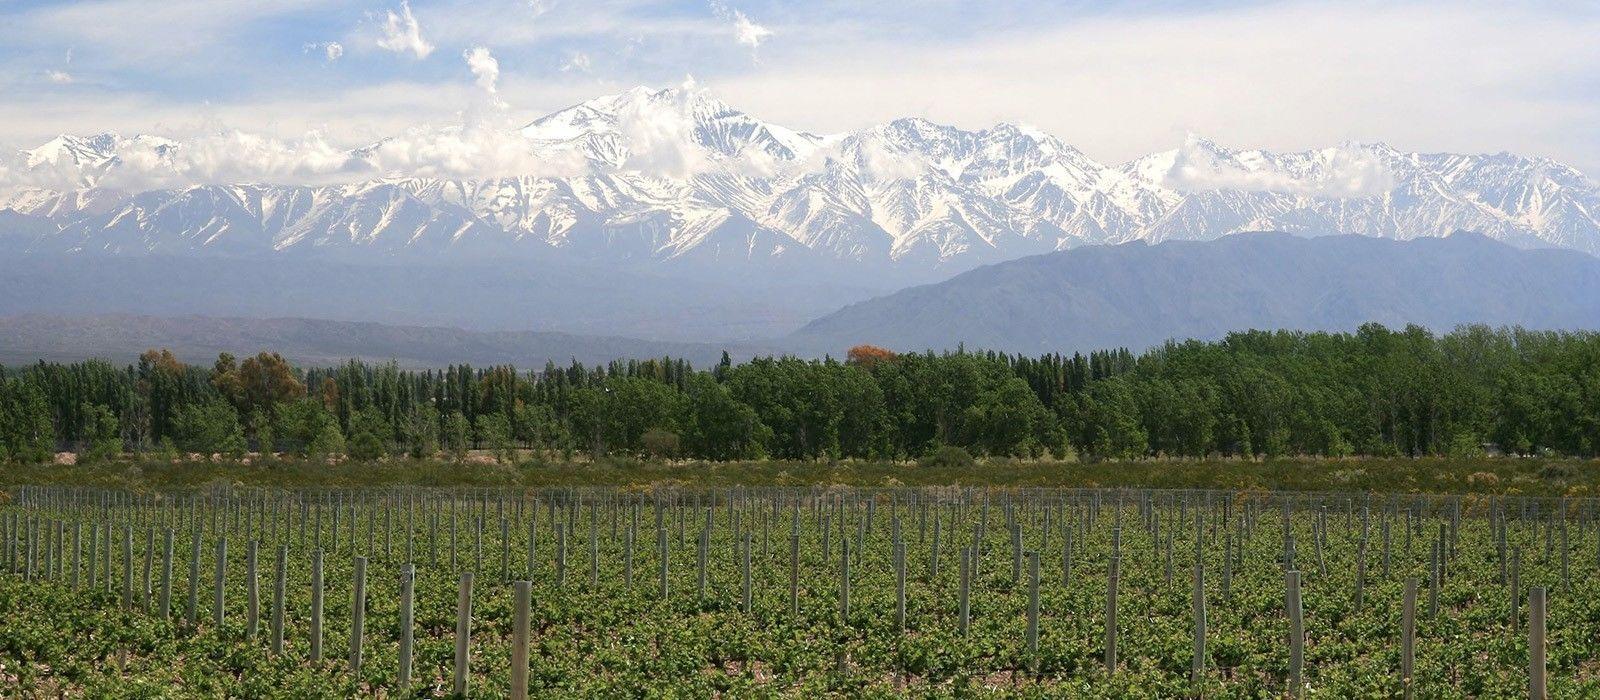 Argentinien & Chile Gourmetreise Urlaub 2